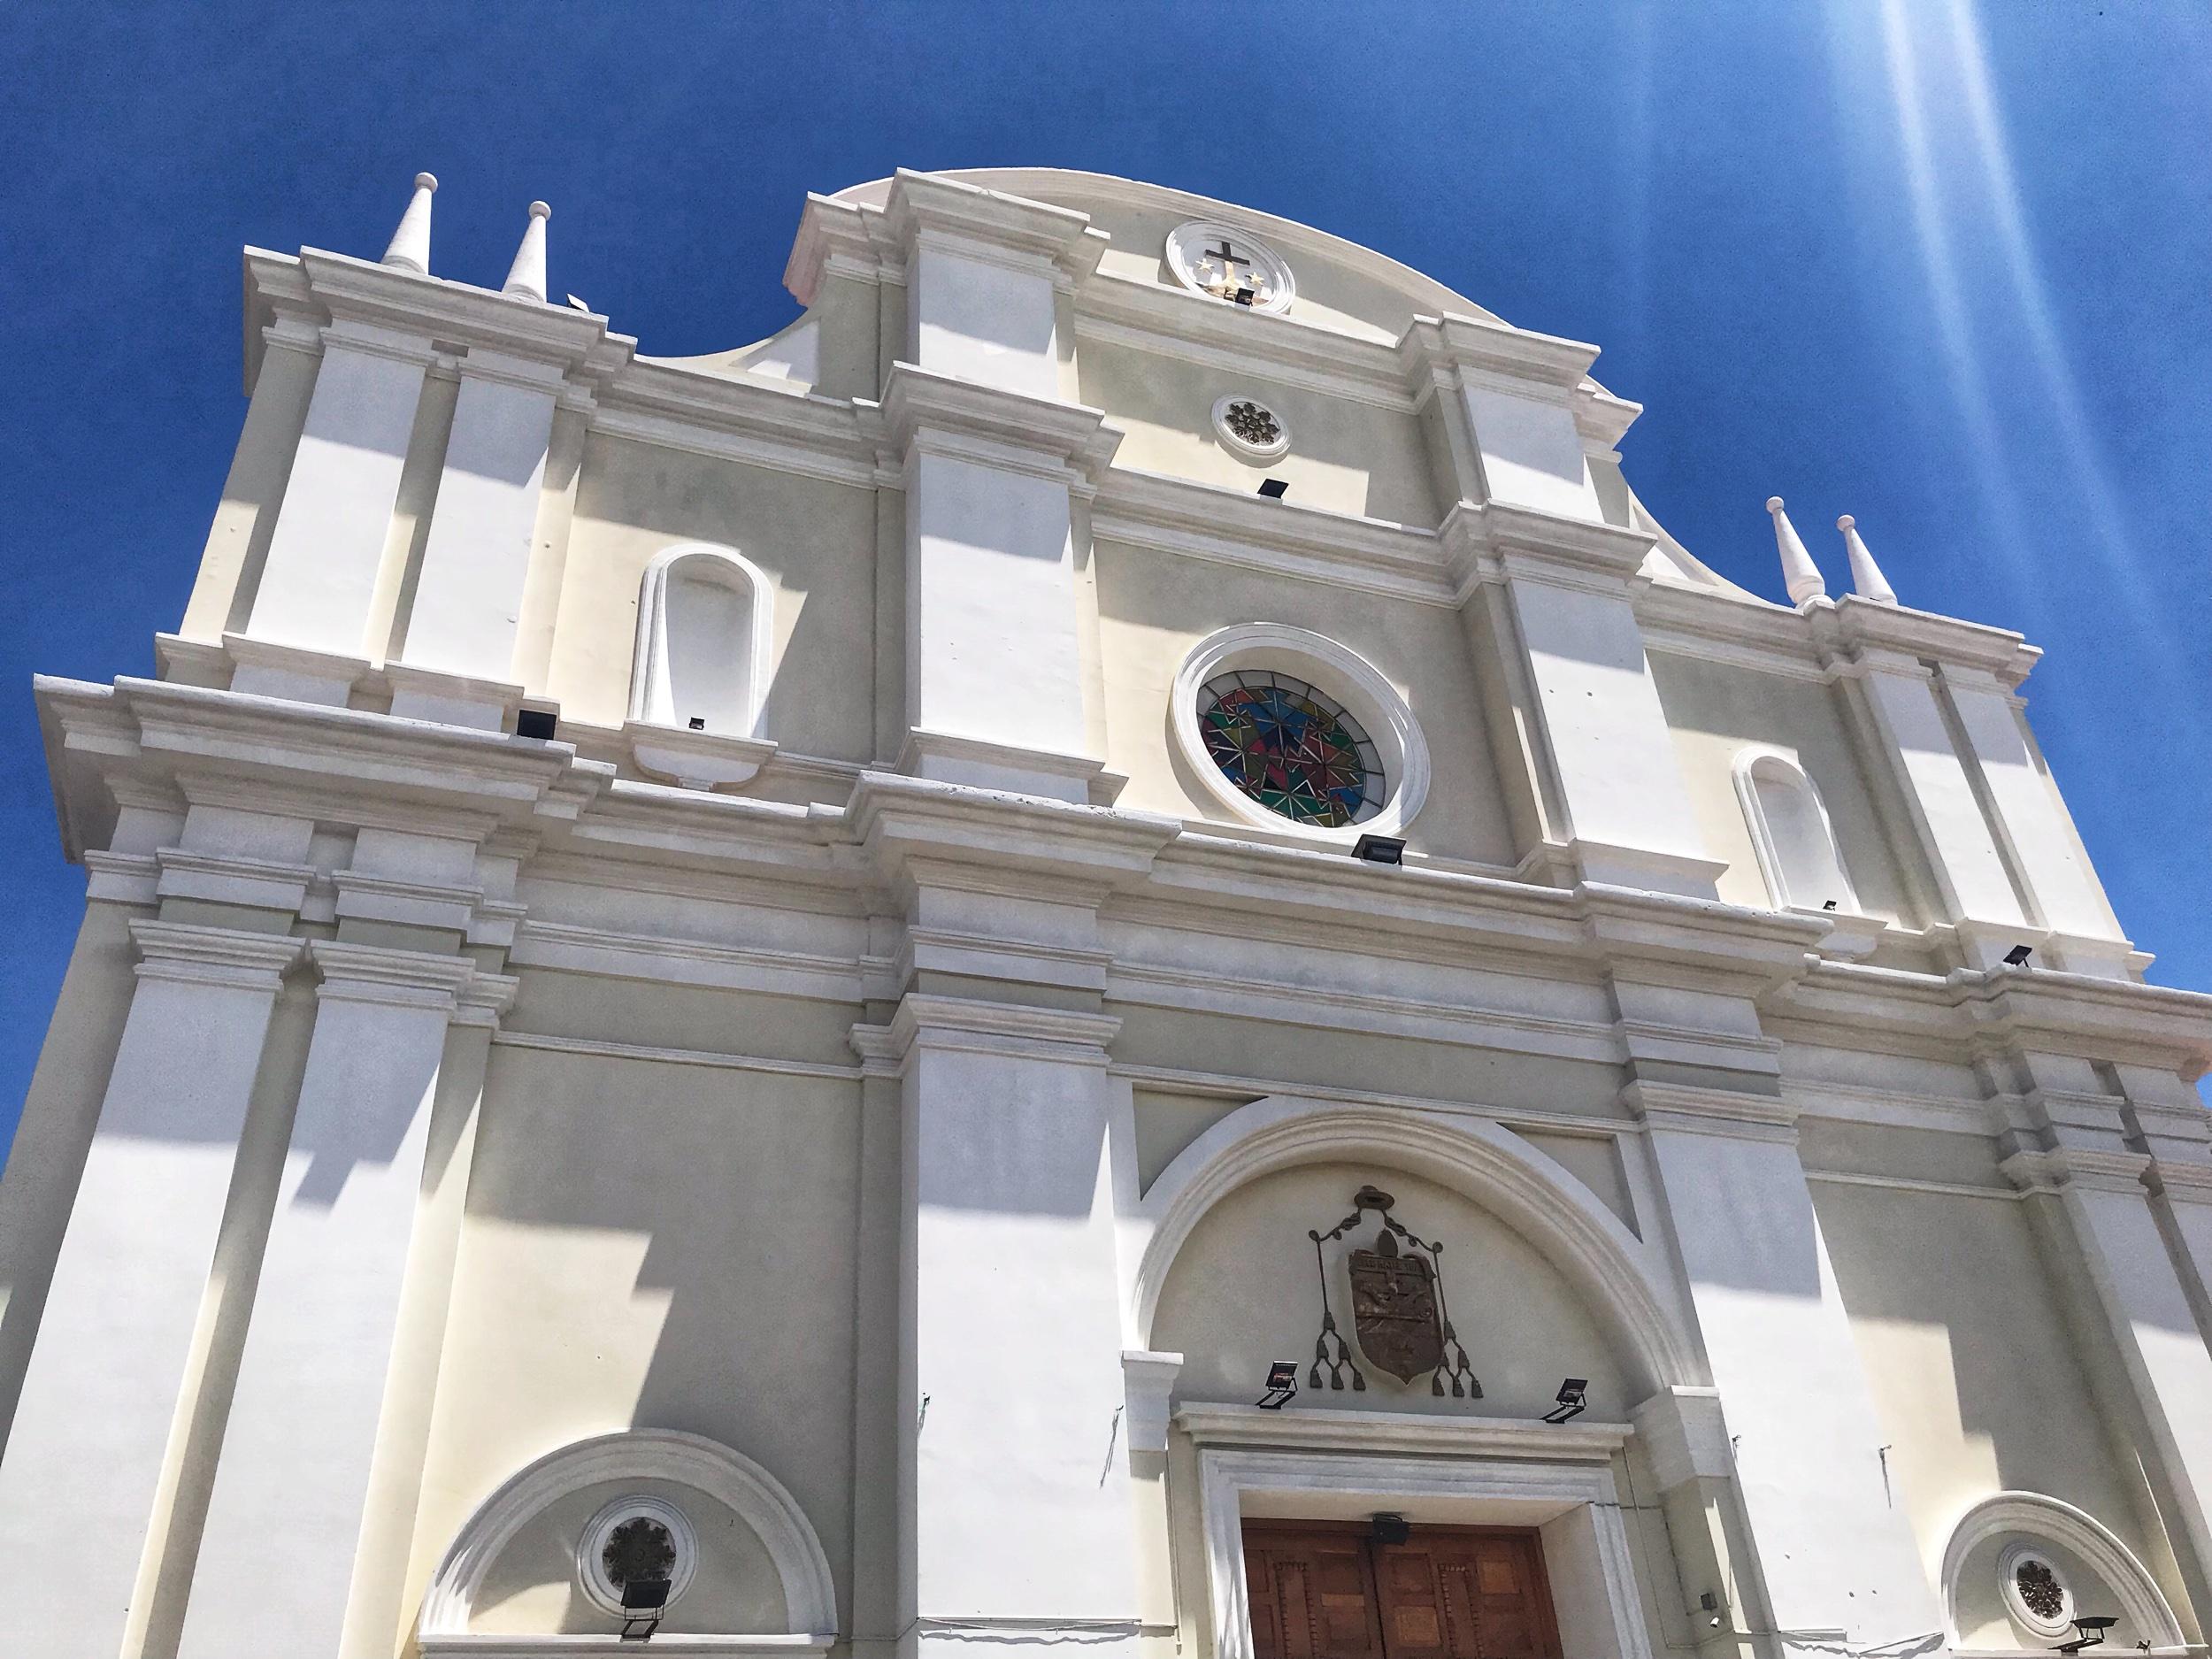 Iglesia de San Jorge La Laguna on the central square in Solola